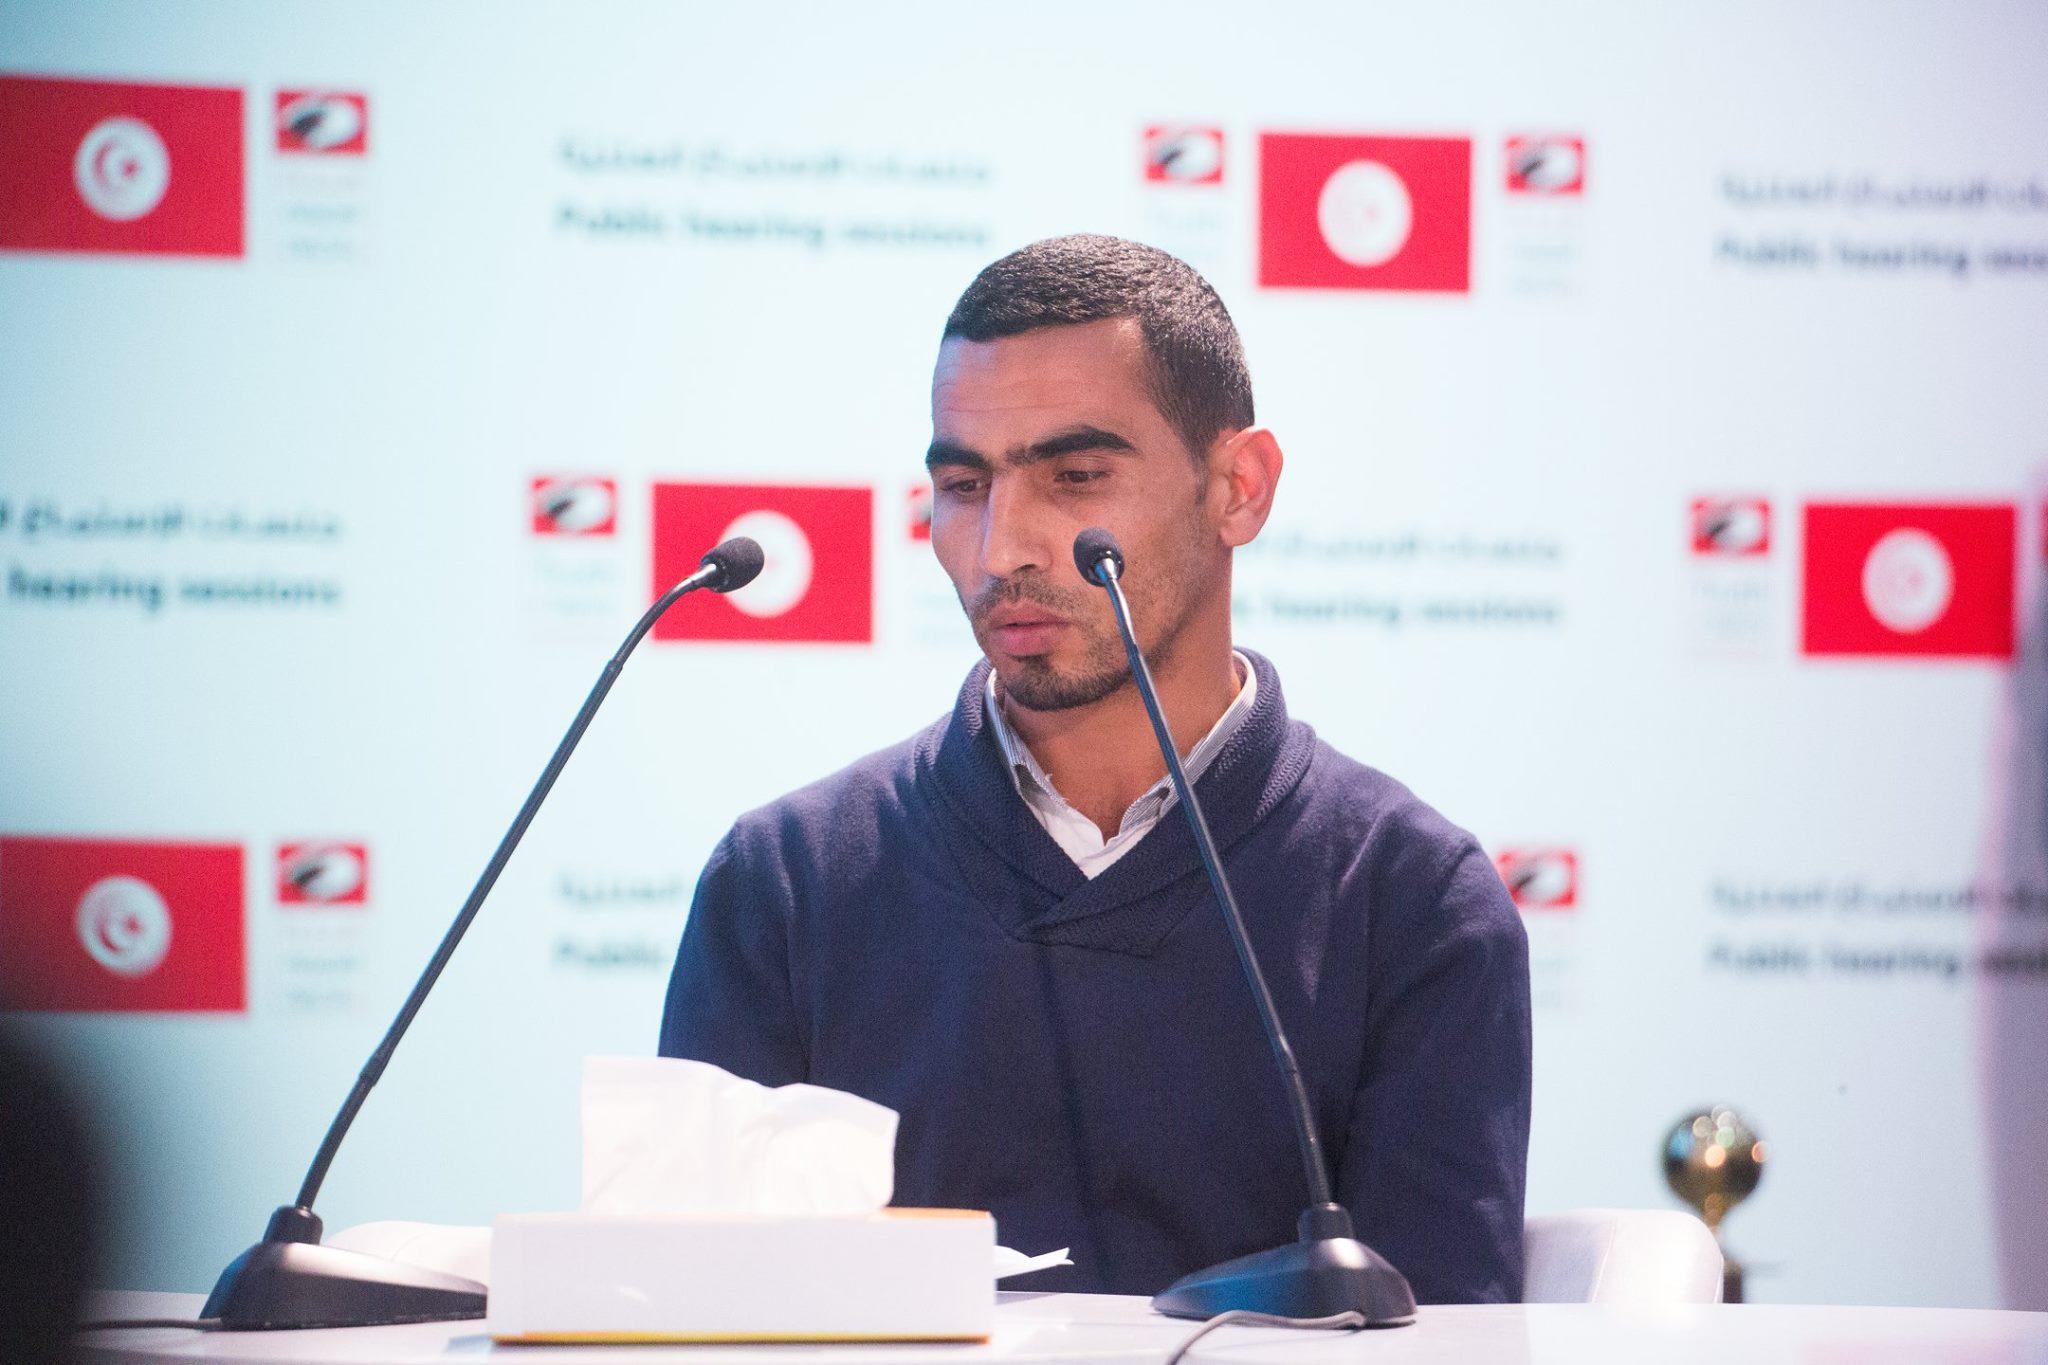 Mahroug Hamza